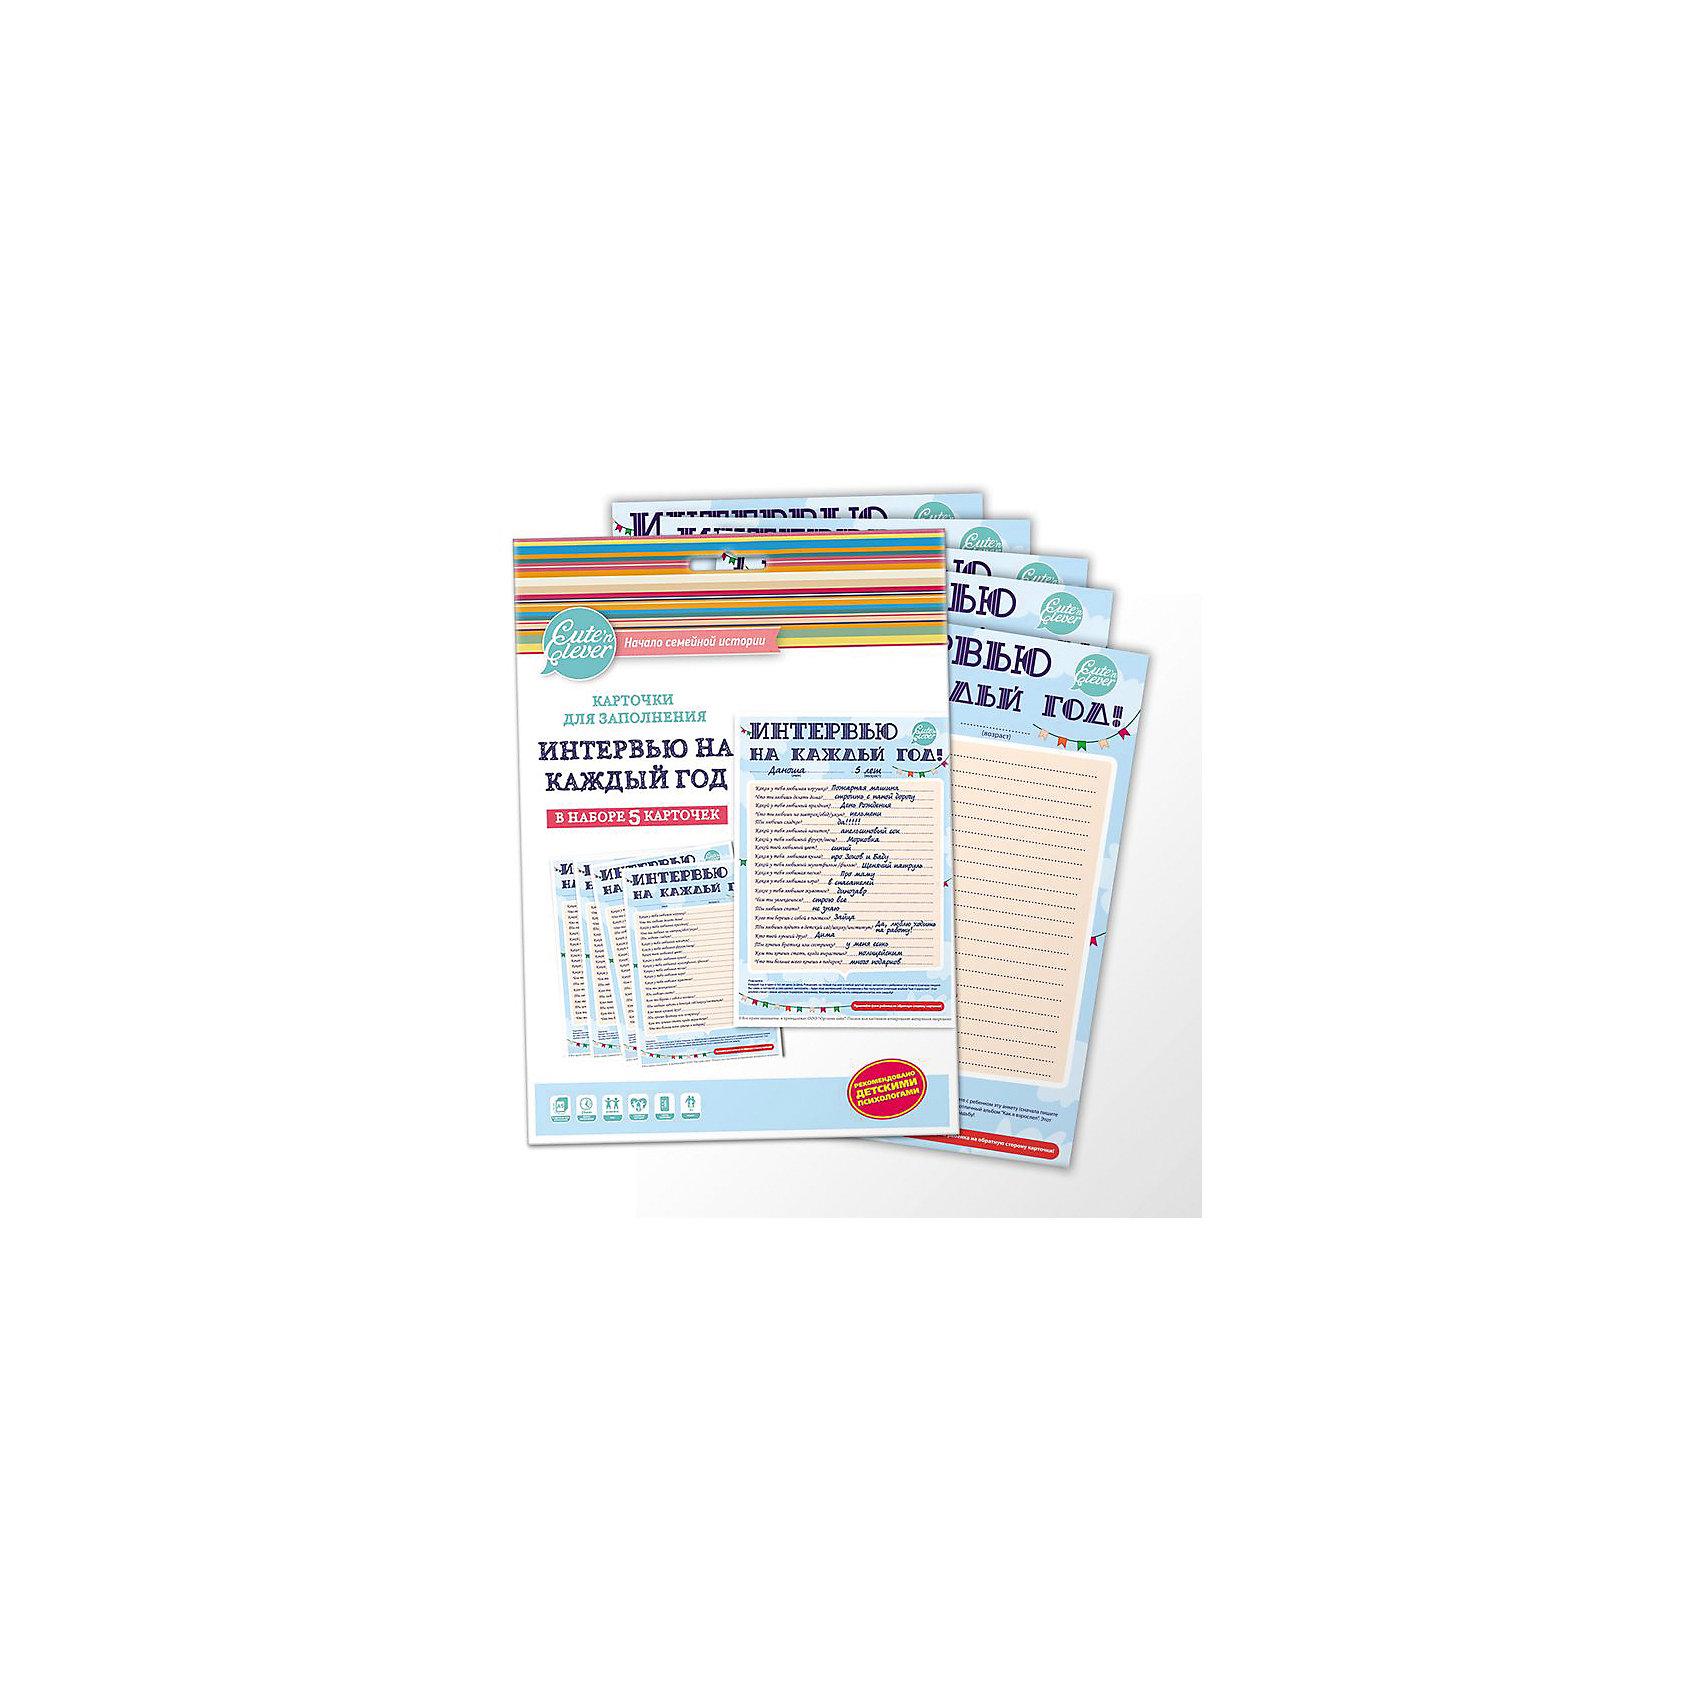 Интерактивные карточки  Интервью каждый год, Cuten CleverИнтерактивные карточки Интервью каждый год, Cuten Clever.<br><br>Характеристики:<br><br>• В наборе: 5 карточек формата А5<br>• Материал: картон<br>• Размер упаковки: 17х24 см.<br><br>В набор Интервью каждый год от Cuten Clever входят 5 карточек с одинаковыми вопросами и местом для записи ответов. Каждый год желательно в один и тот же день (на Новый год, на День Рождения и т.д.) проводите с ребенком интервью, задавая одни и те же вопросы из карточки и вписывая ответы. А на обратную сторону карточки приклейте фото ребенка в этот год. Только представьте, какая замечательная история взросления ребенка получится! <br><br>Просматривая карточки можно будет наглядно увидеть, как менялись интересы, увлечения, планы и стремления вашего ребенка. Карточки станут отличным дополнением семейной истории и сохранят на долгую память интересные факты из жизни вашего ребёнка.<br><br>Интерактивные карточки Интервью каждый год, Cuten Clever можно купить в нашем интернет-магазине.<br><br>Ширина мм: 265<br>Глубина мм: 170<br>Высота мм: 50<br>Вес г: 50<br>Возраст от месяцев: 36<br>Возраст до месяцев: 2147483647<br>Пол: Унисекс<br>Возраст: Детский<br>SKU: 5454166